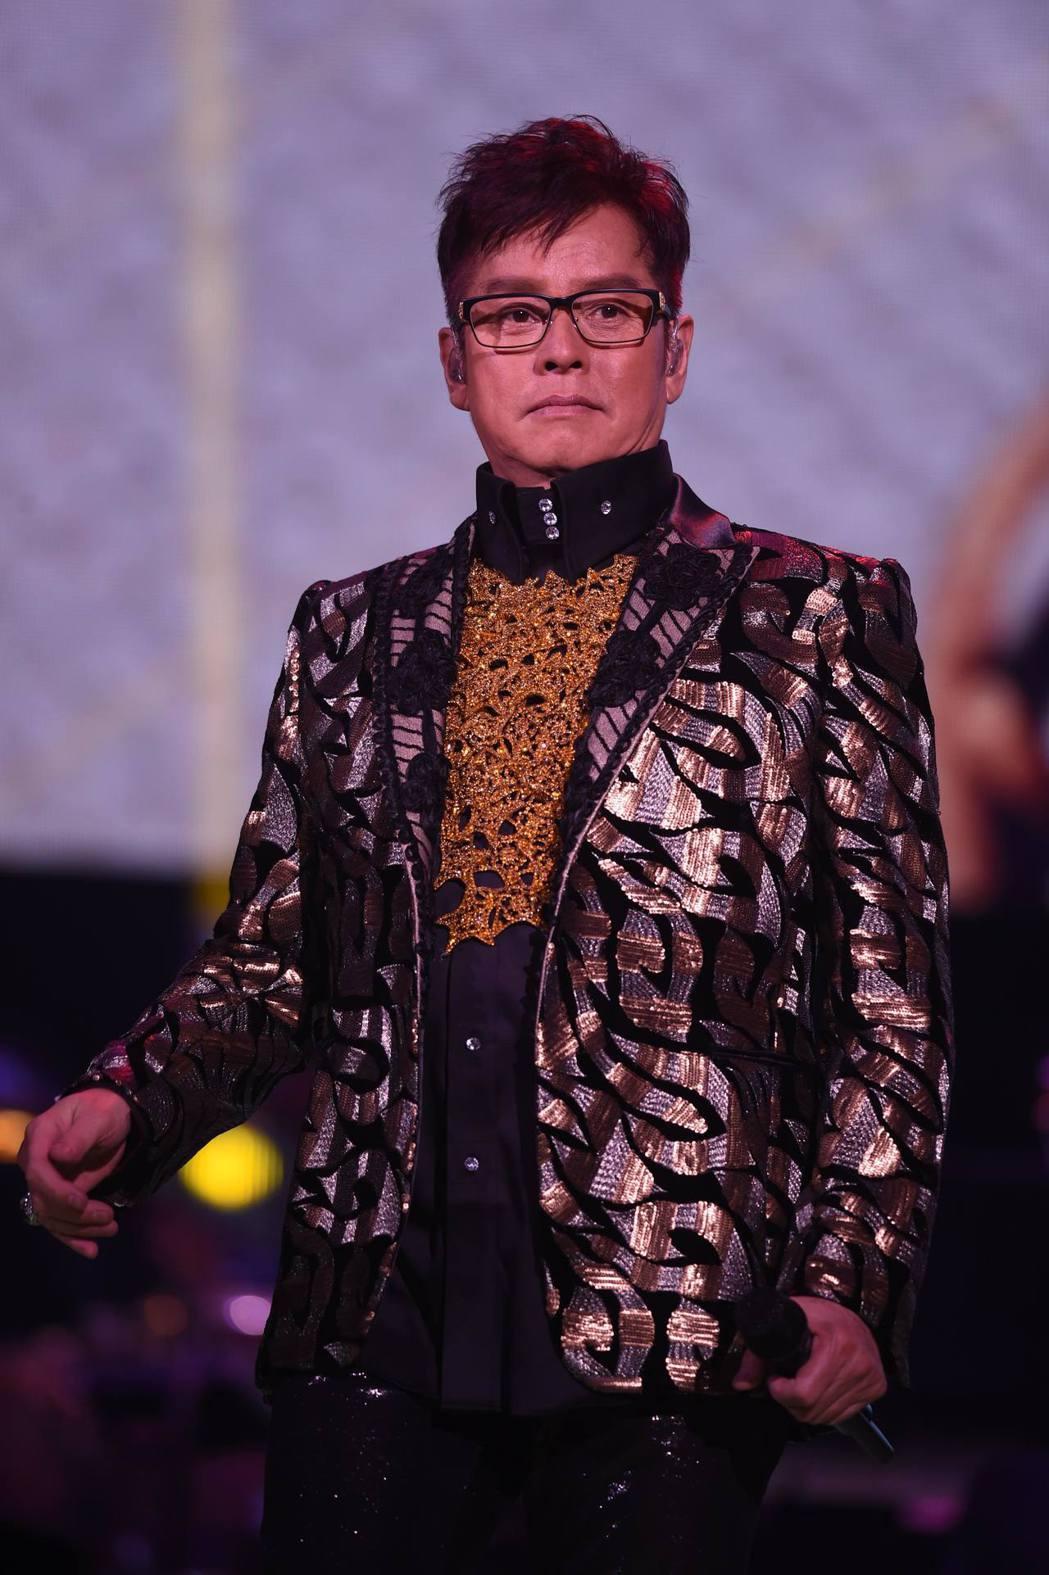 譚詠麟月底滿68歲,9月攻蛋將創下最高齡華人開唱紀錄。圖/寬魚提供